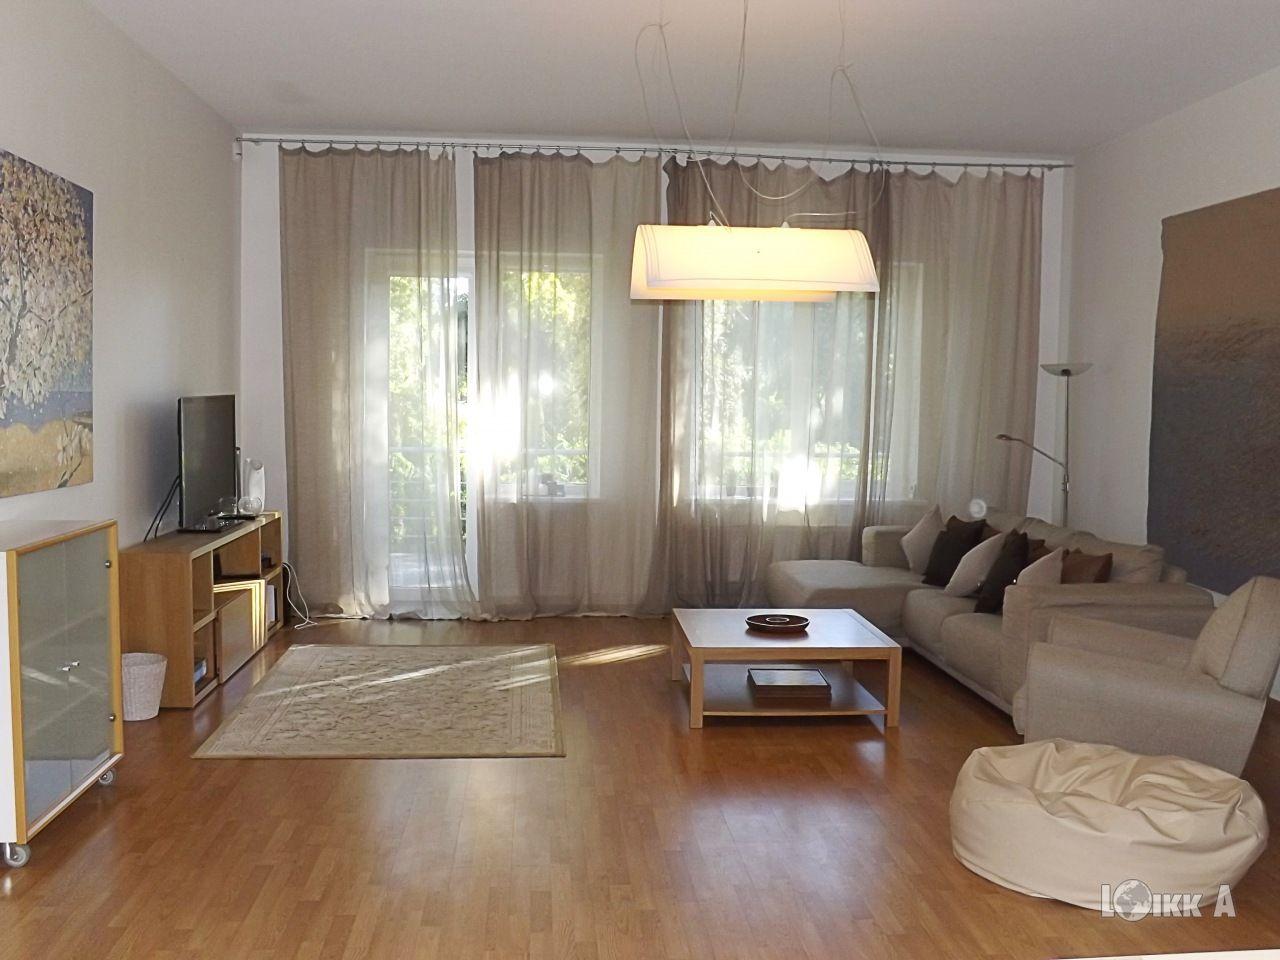 Квартира в Юрмале, Латвия, 120 м2 - фото 1